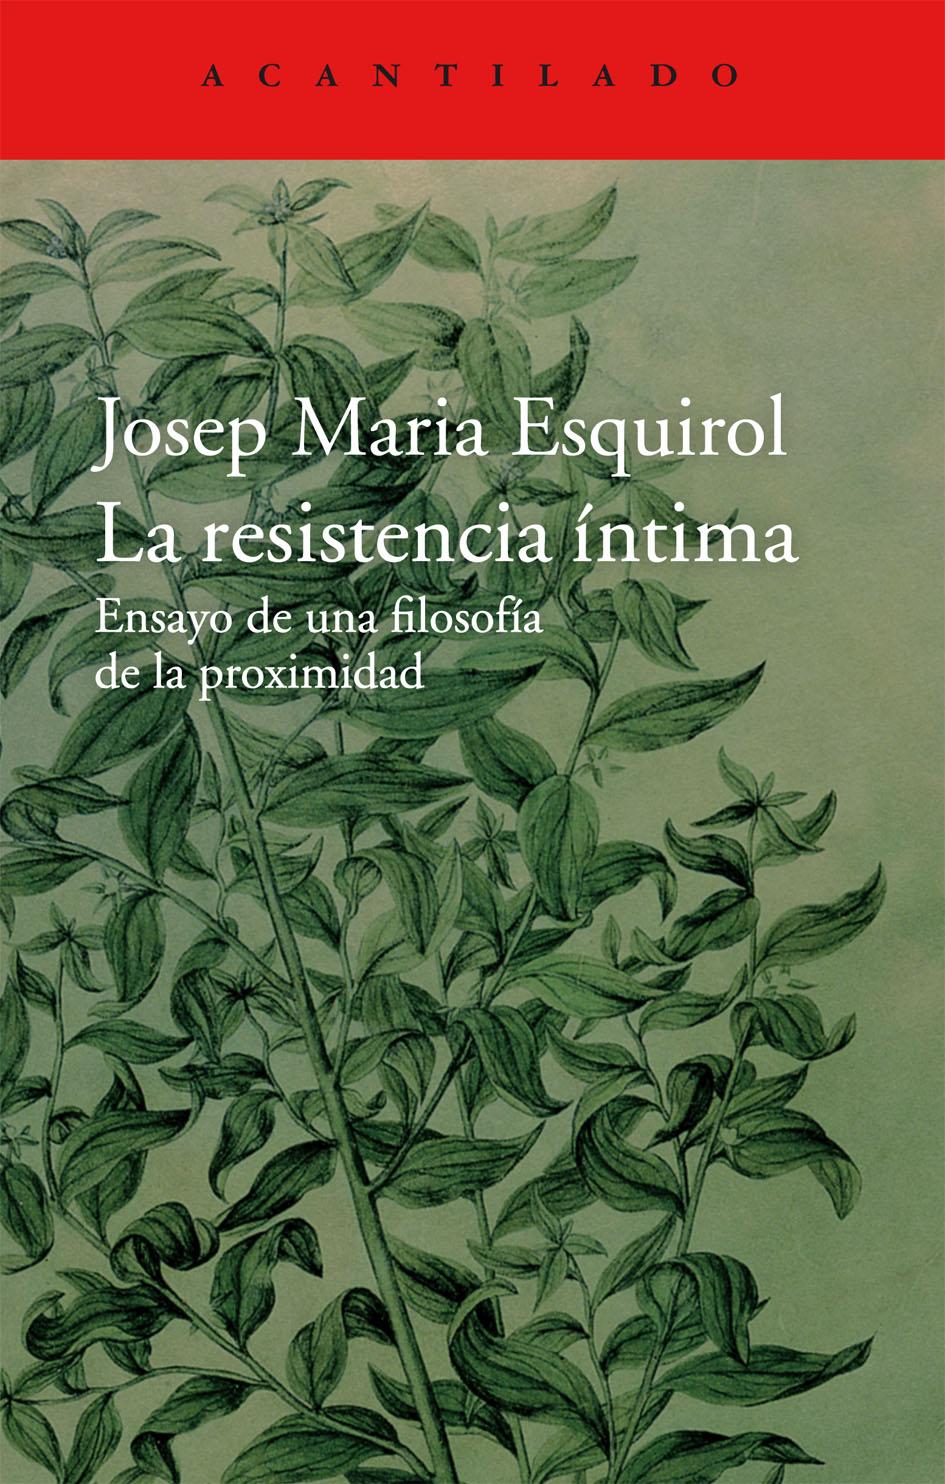 La resistencia íntima: ensayo de una filosofía de la proximidad